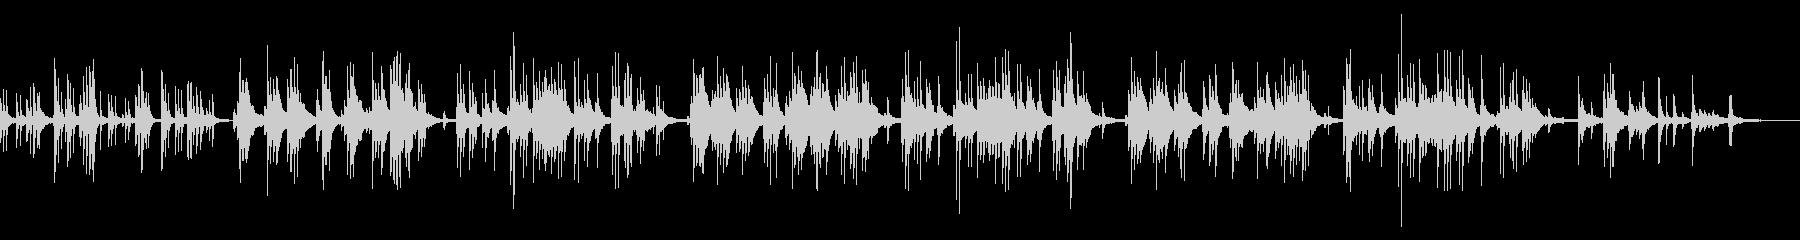 ジングルベル ピアノアレンジの未再生の波形